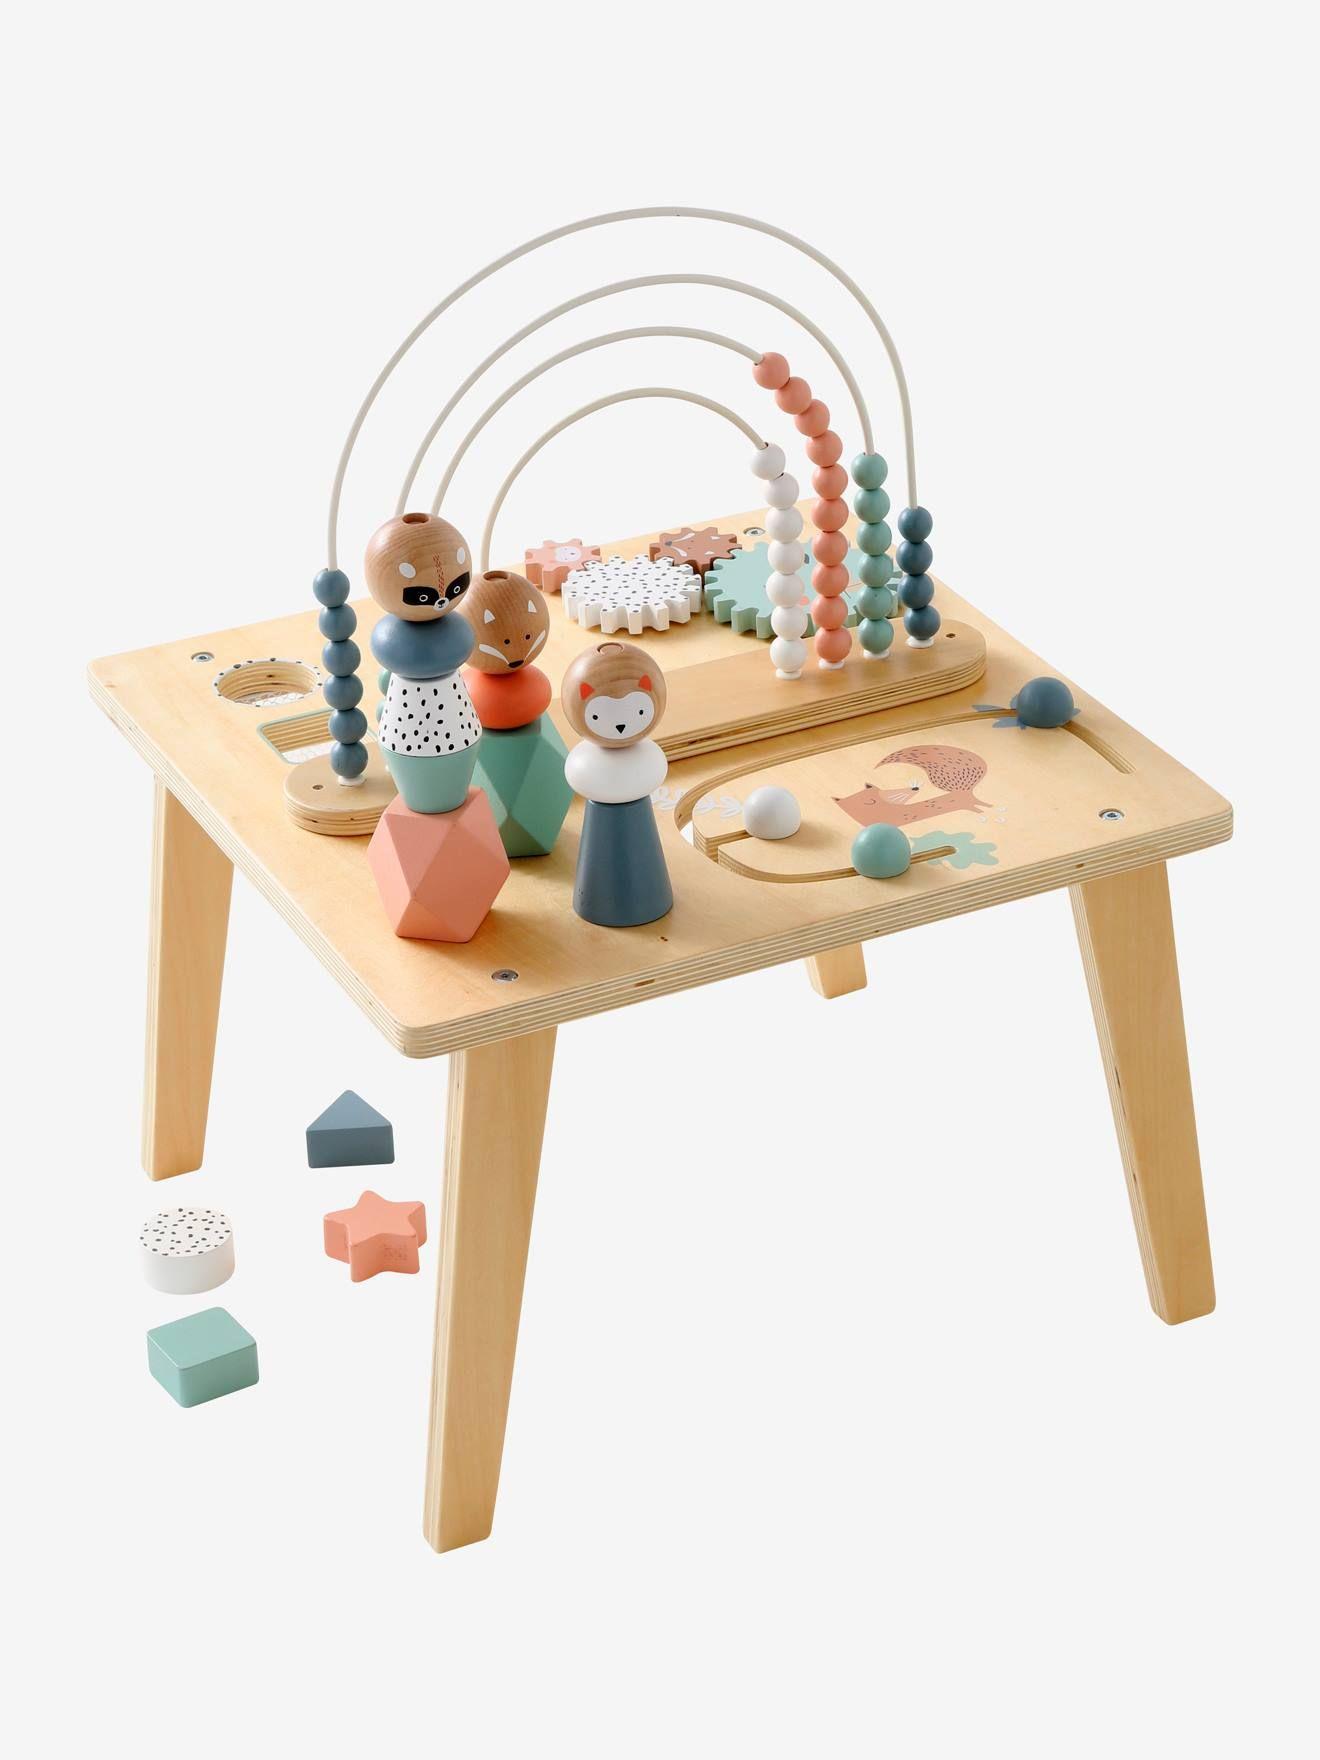 Table D Activites Arc En Ciel Multicolore Les Petits Seront Fascines De Faire Tant De Decouvertes Sur Cette Superbe Table D Table D Activite Jouet Jouet Bebe